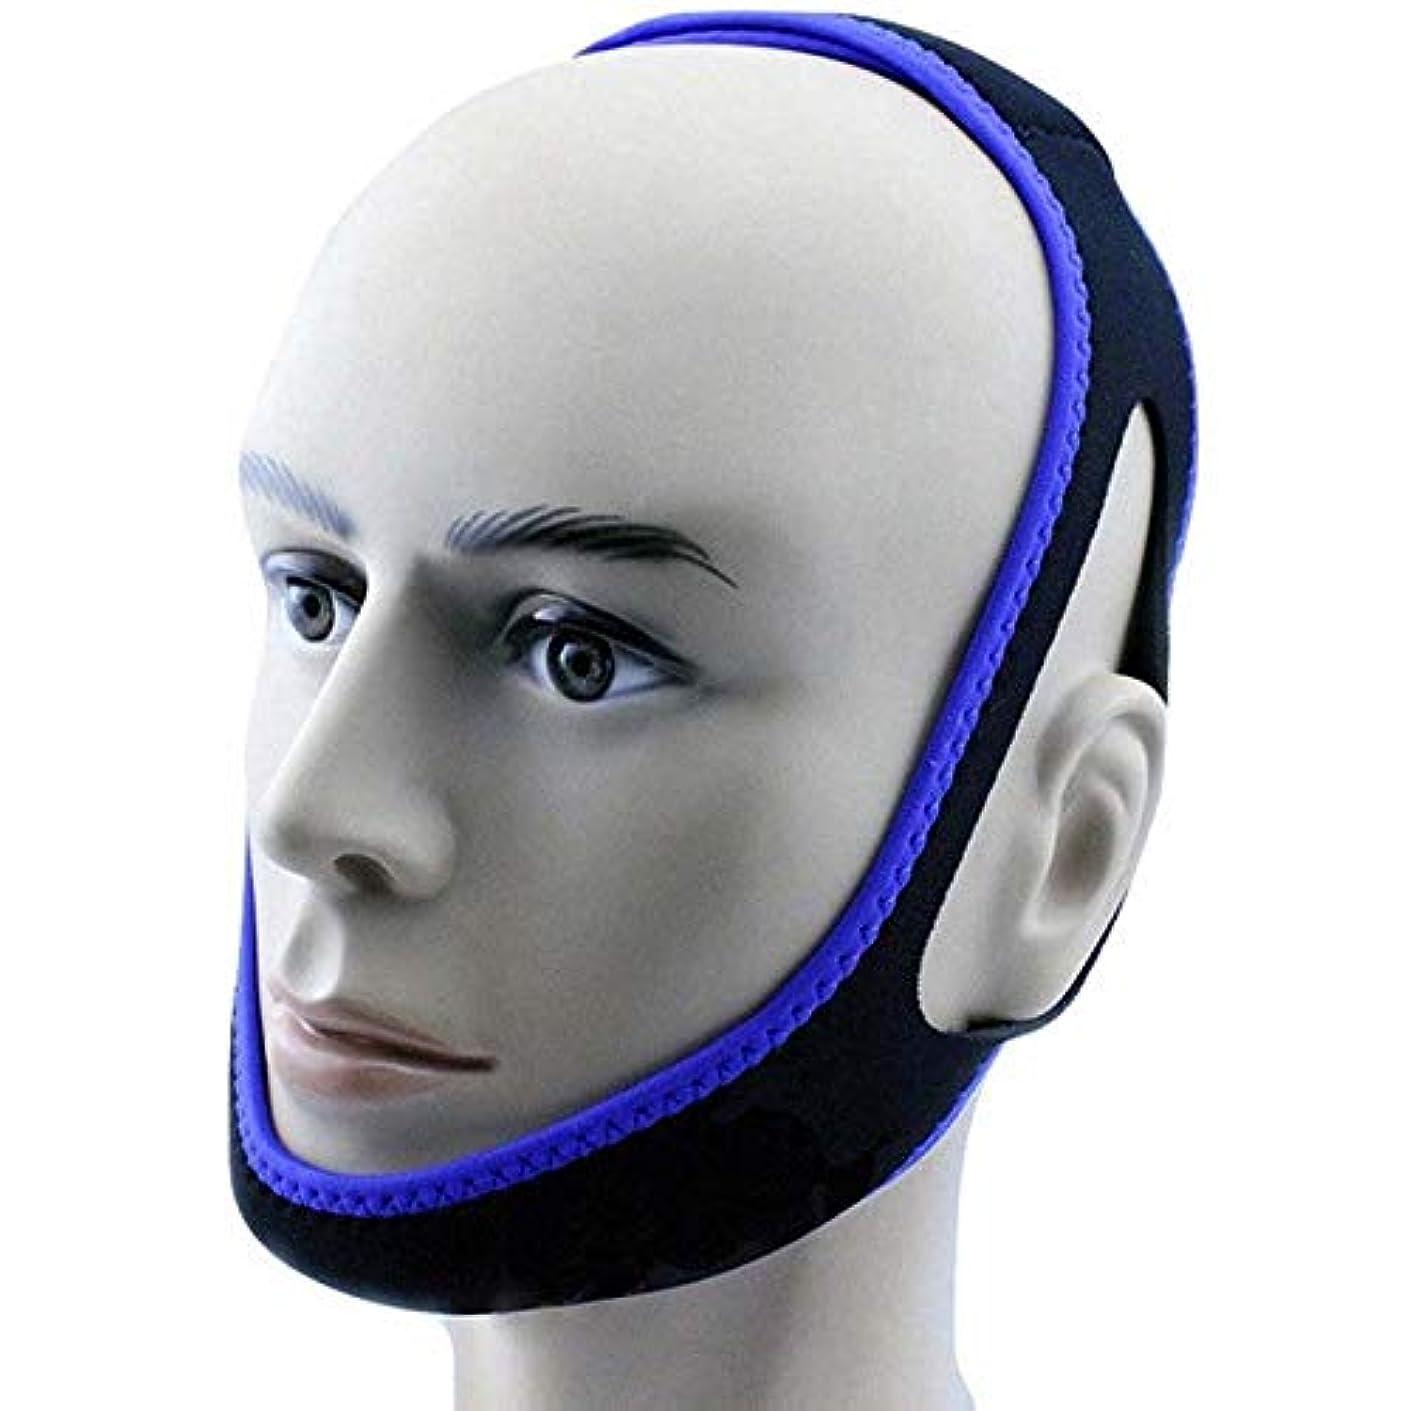 派生するたぶんフロー注意アンチいびきあごストラップ調節可能な抗いびきベルト深い眠り男性用女性女性いびきヘッドバンド鼻いびきうめき声CCP056